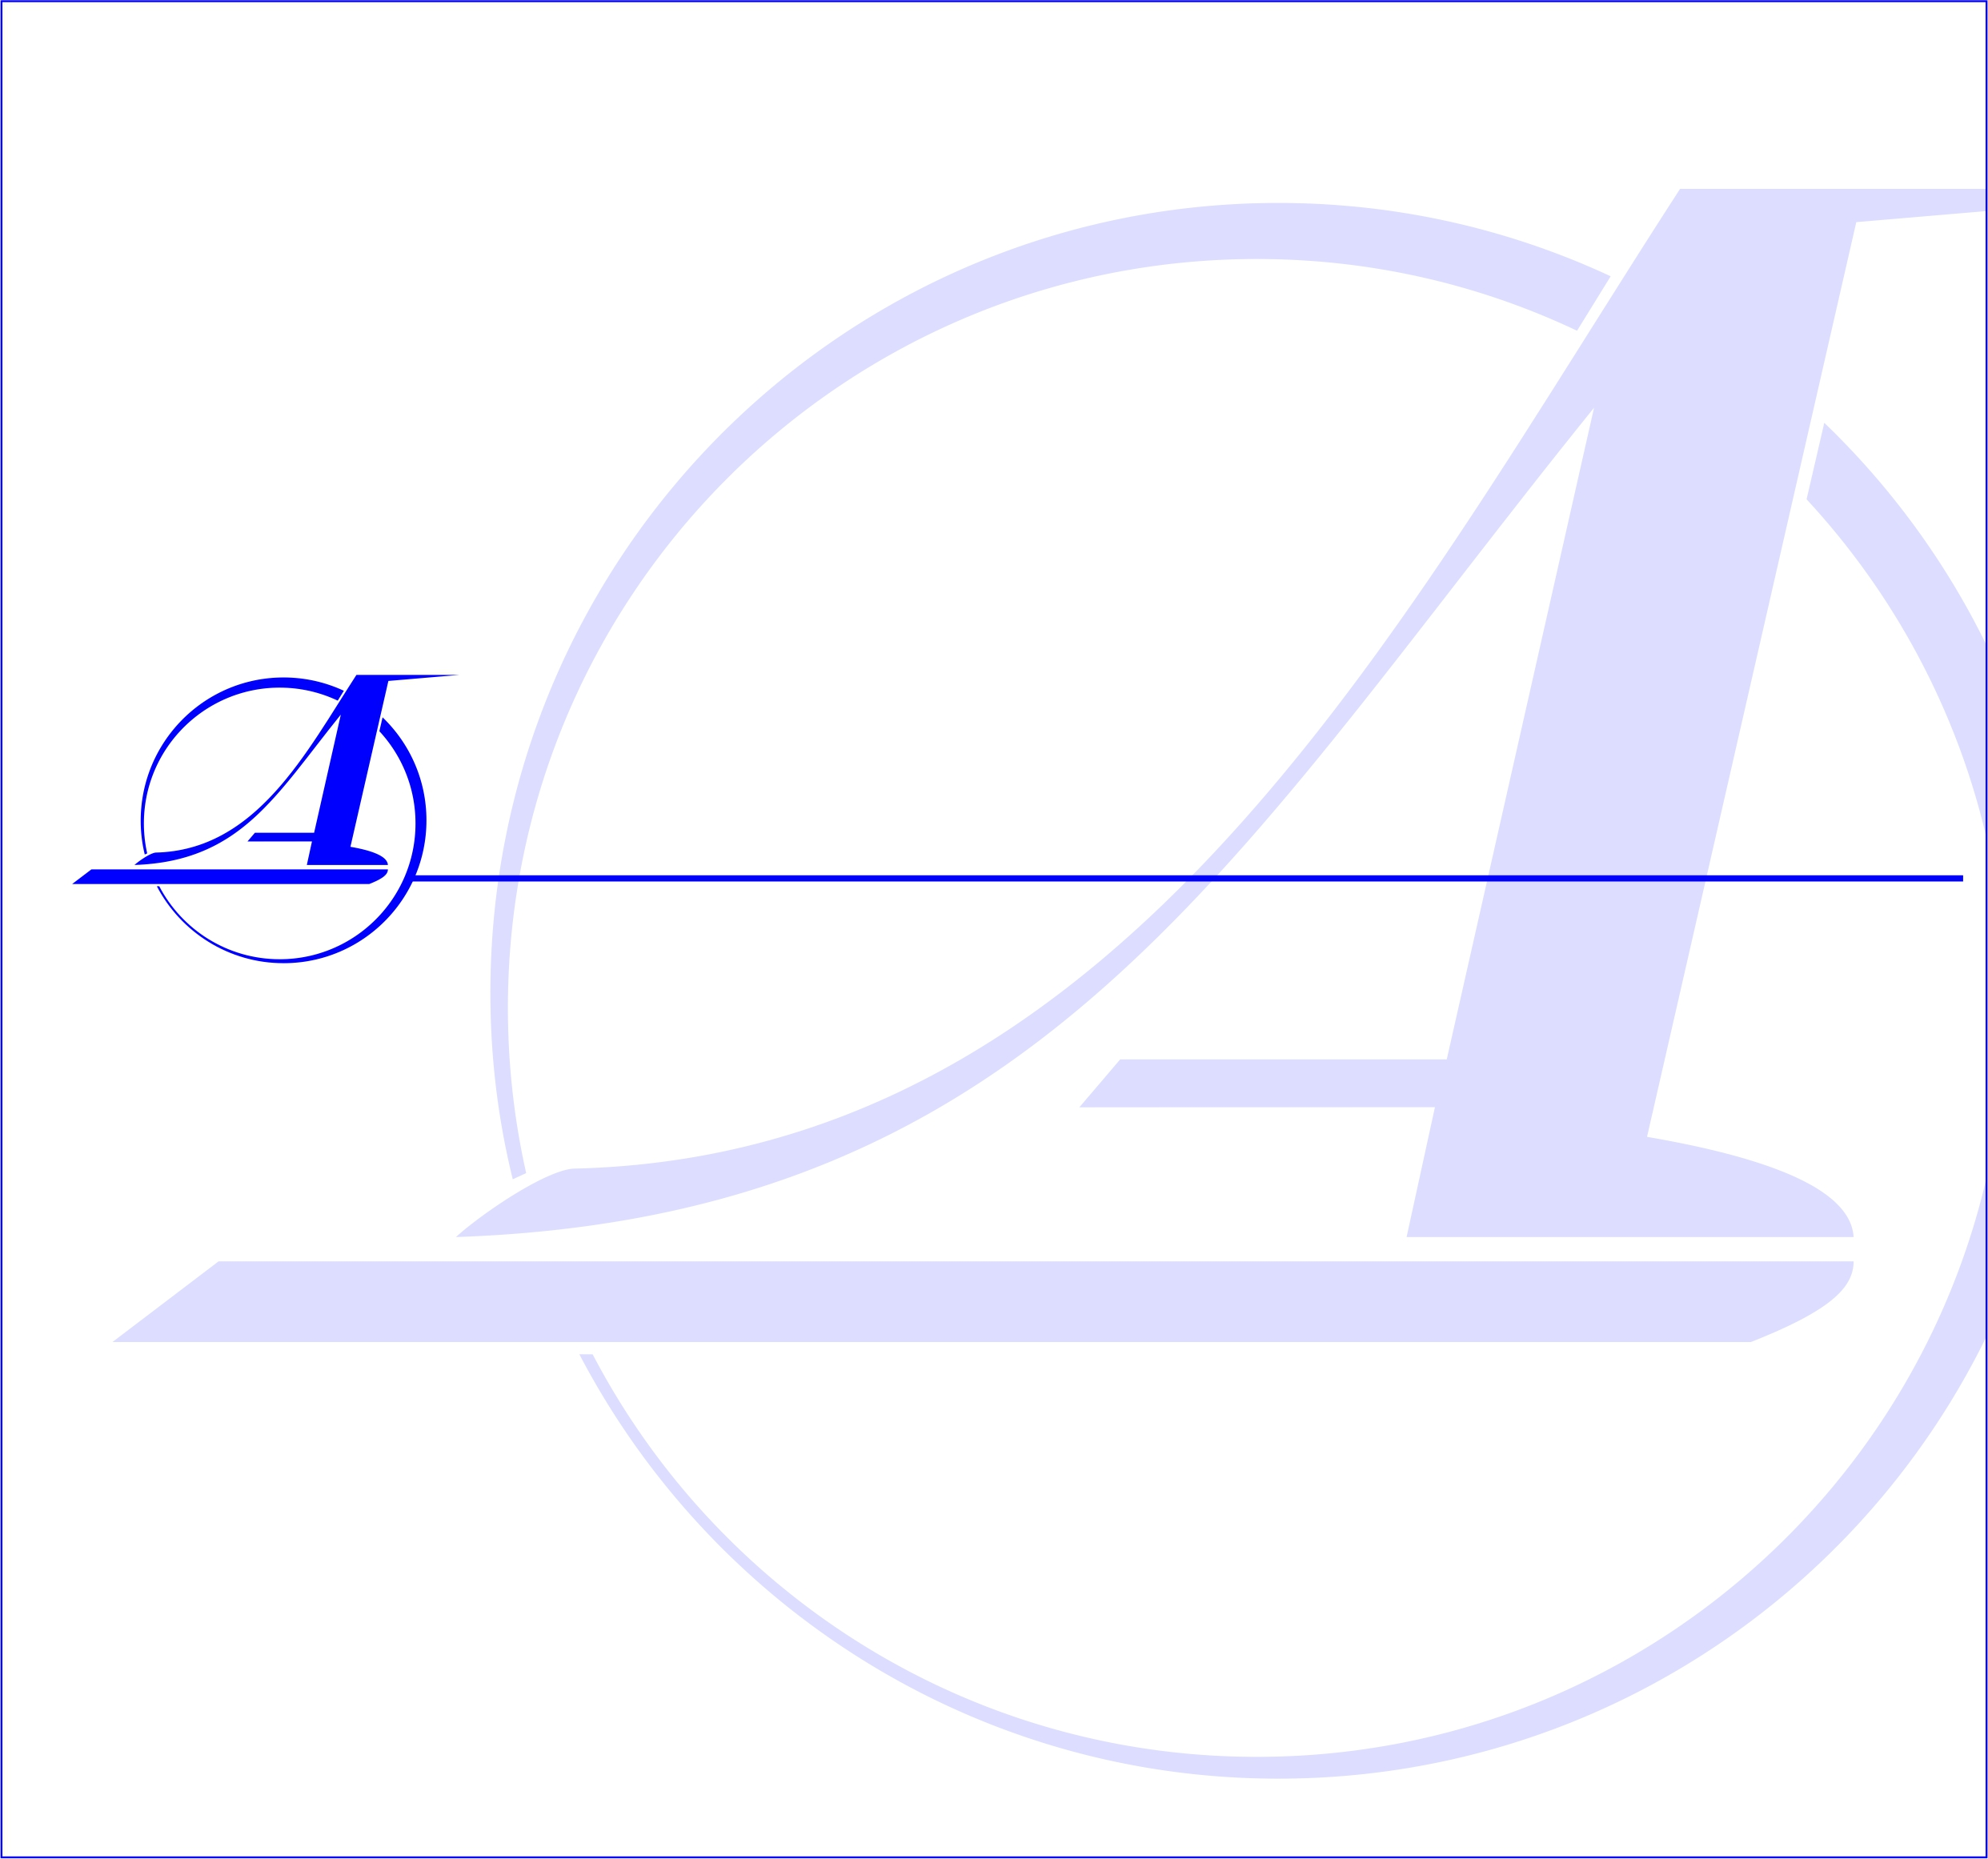 Нужен логотип и фирменный стиль для завода фото f_800528d149358438.jpg